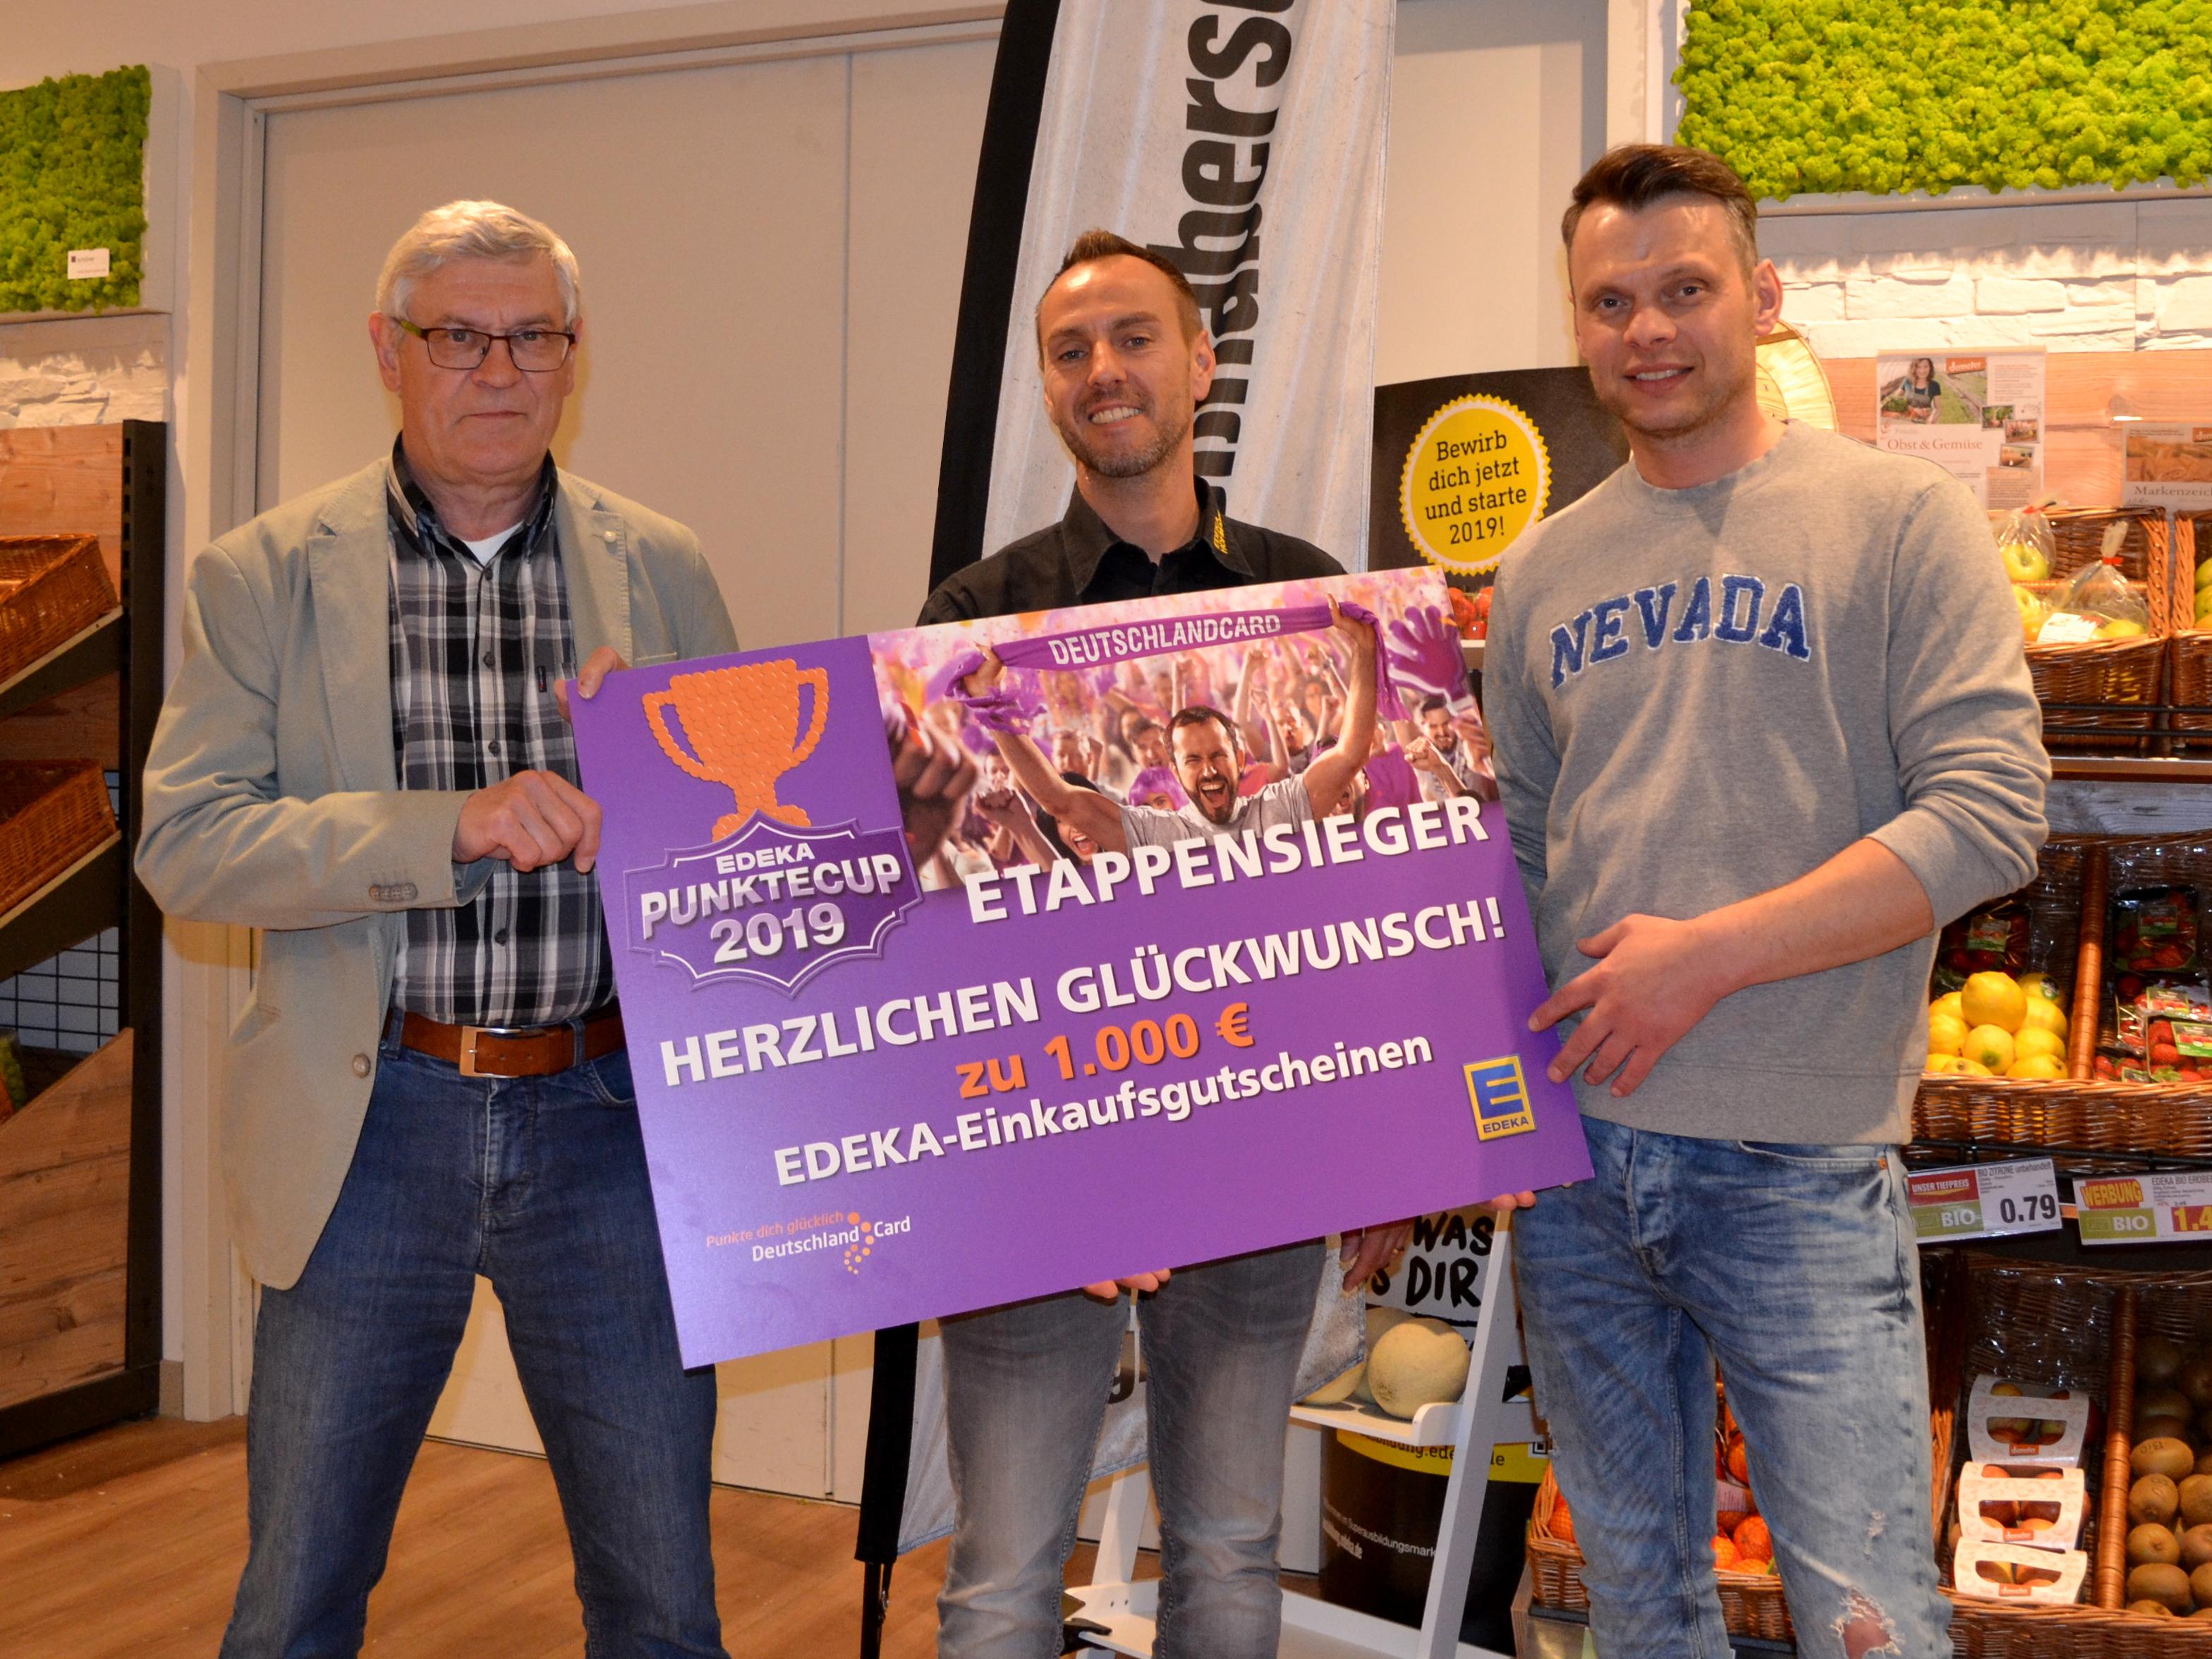 Edeka Gutschein Punktecup 2019